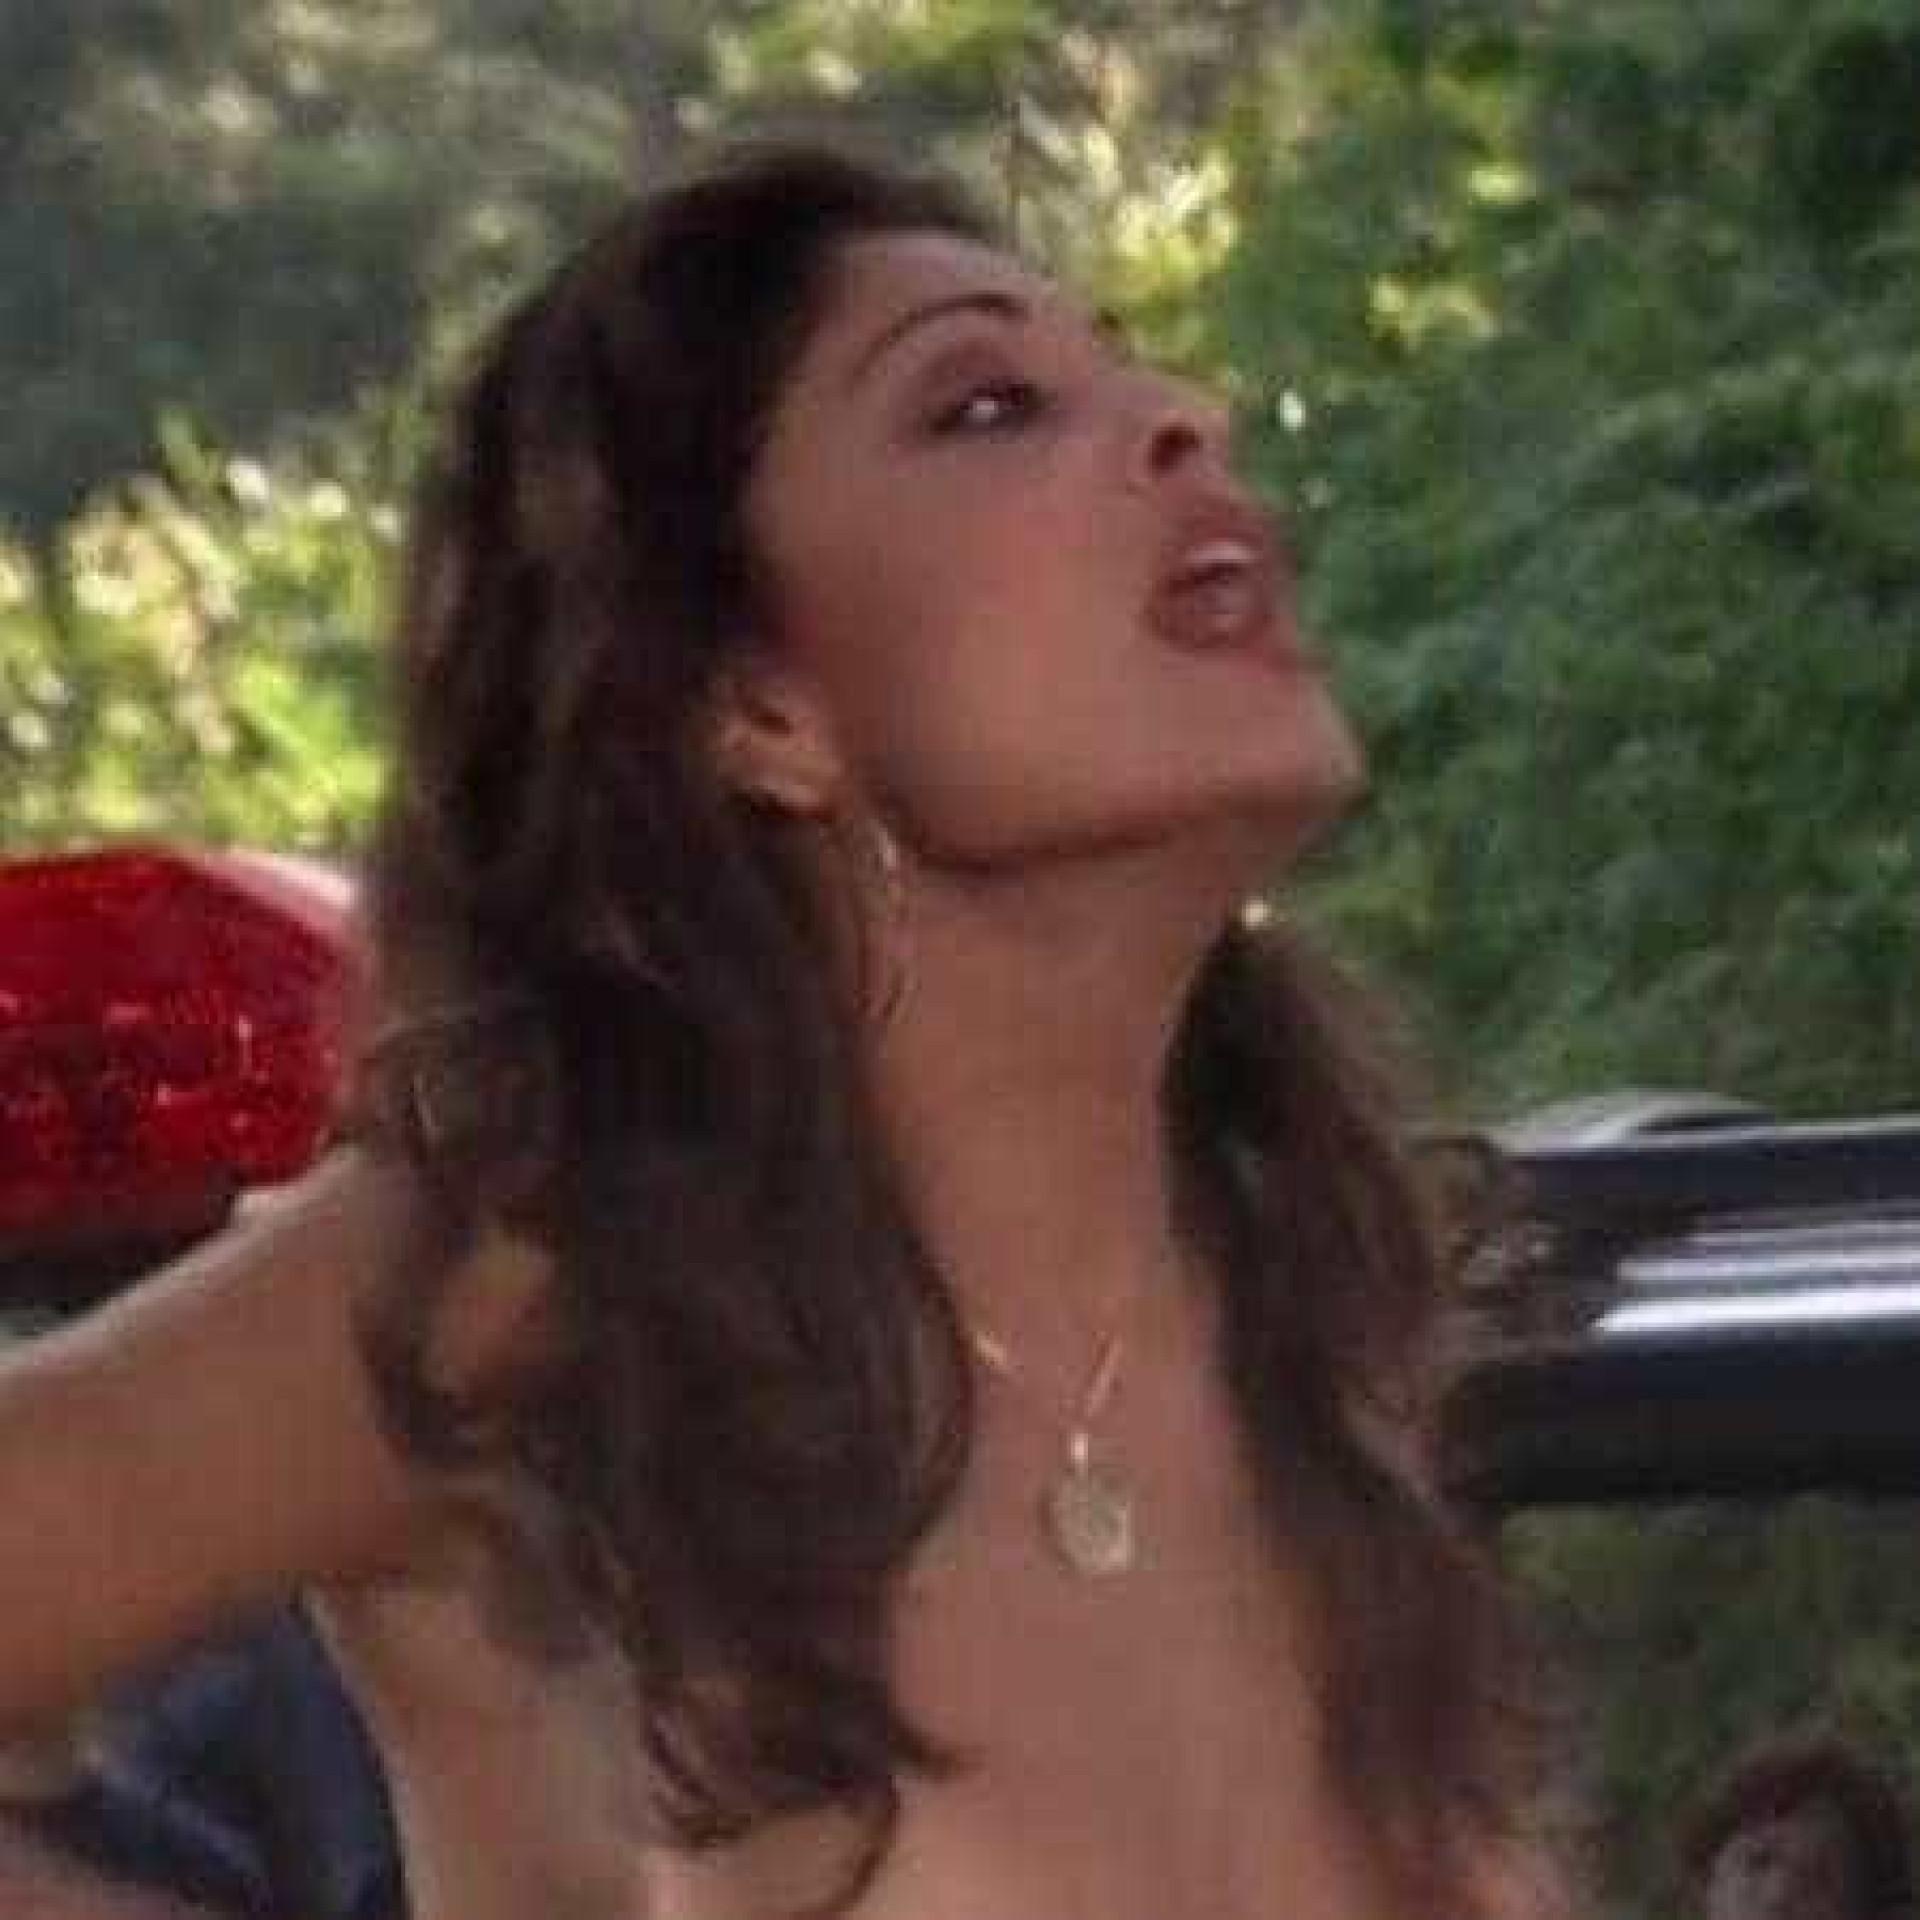 Globo corta topless de Juliana Paes em reprise de 'Celebridade'